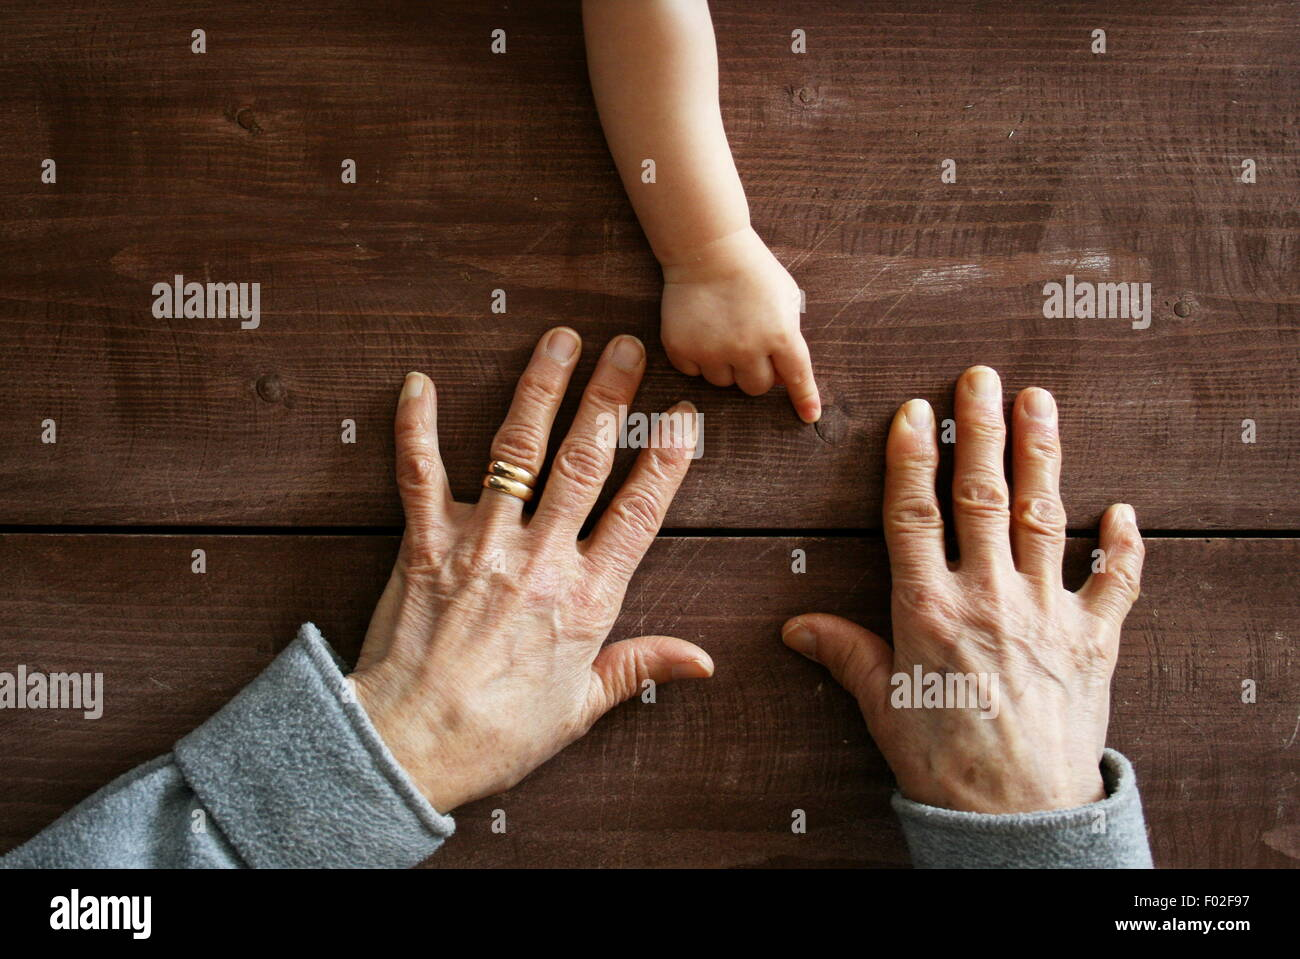 Baby Boy mano apuntando a la abuela de manos Imagen De Stock